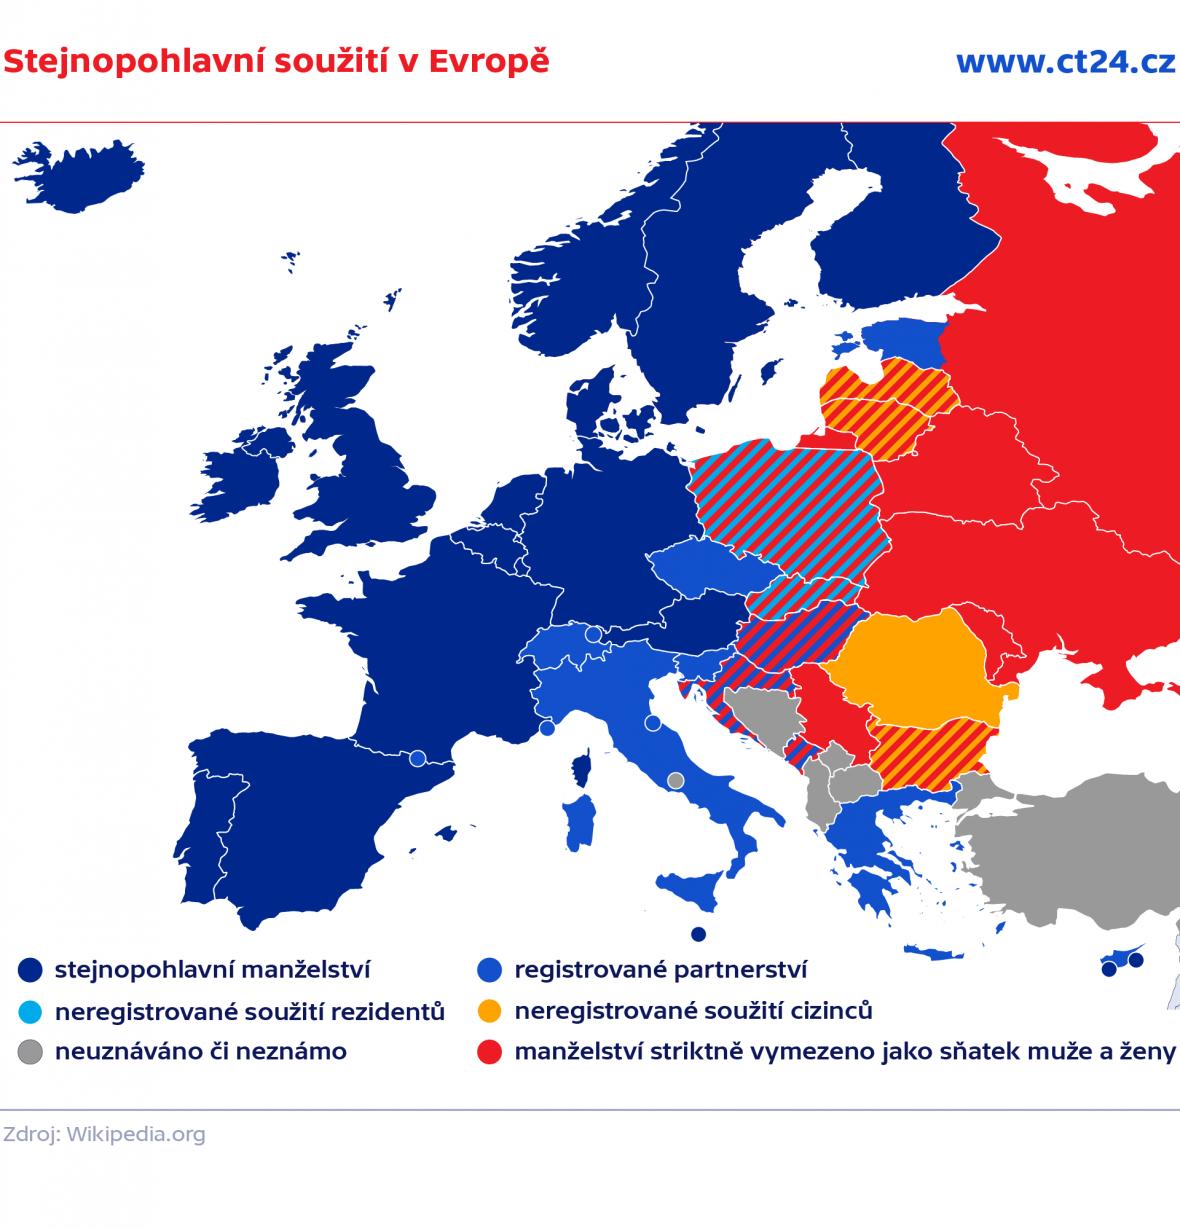 Stejnopohlavní soužití v Evropě